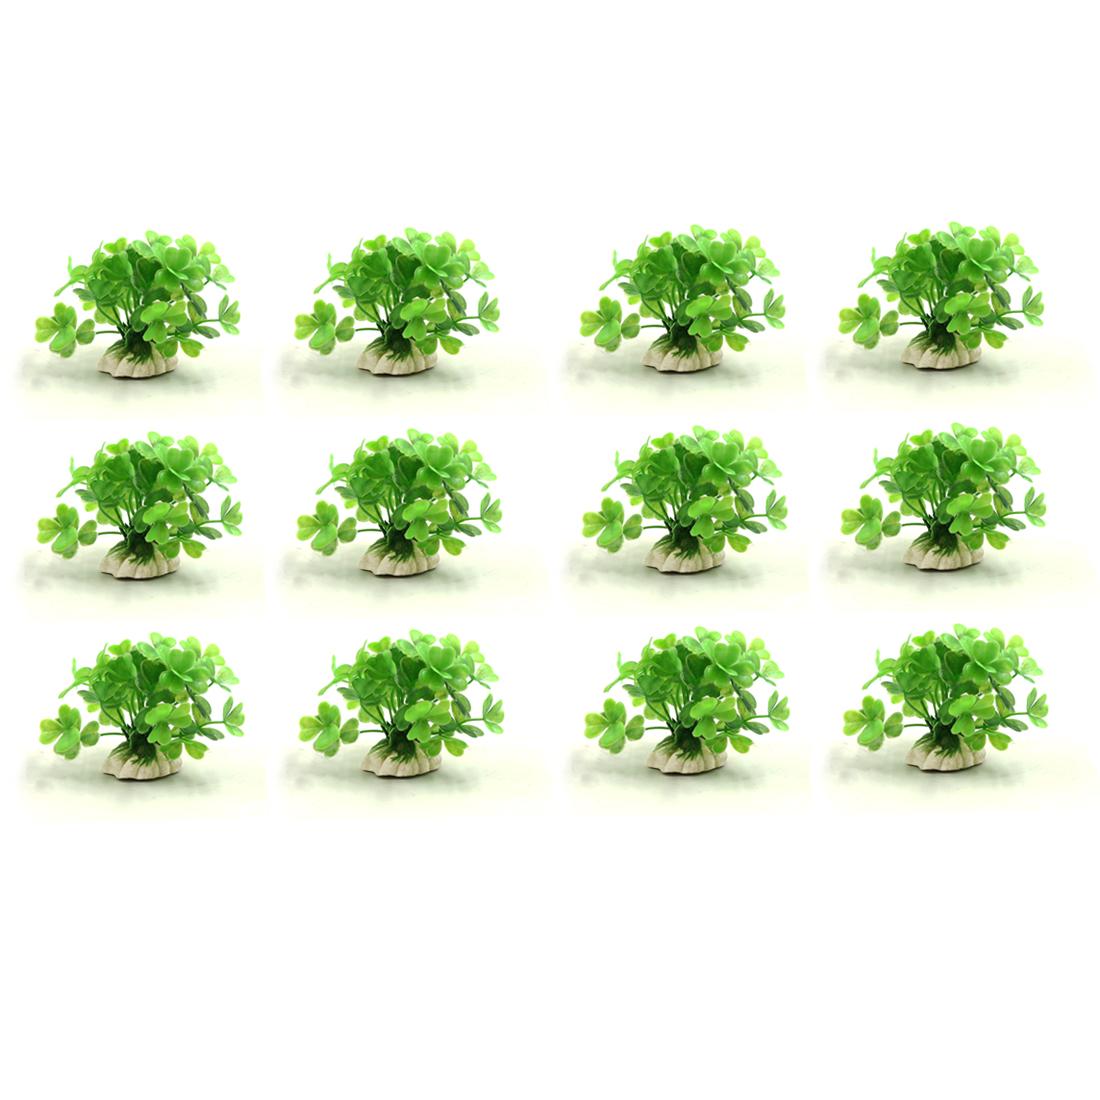 12pcs Green Plastic Mini Plant Aquarium Fishbowl Waterscape Decoration Ornament